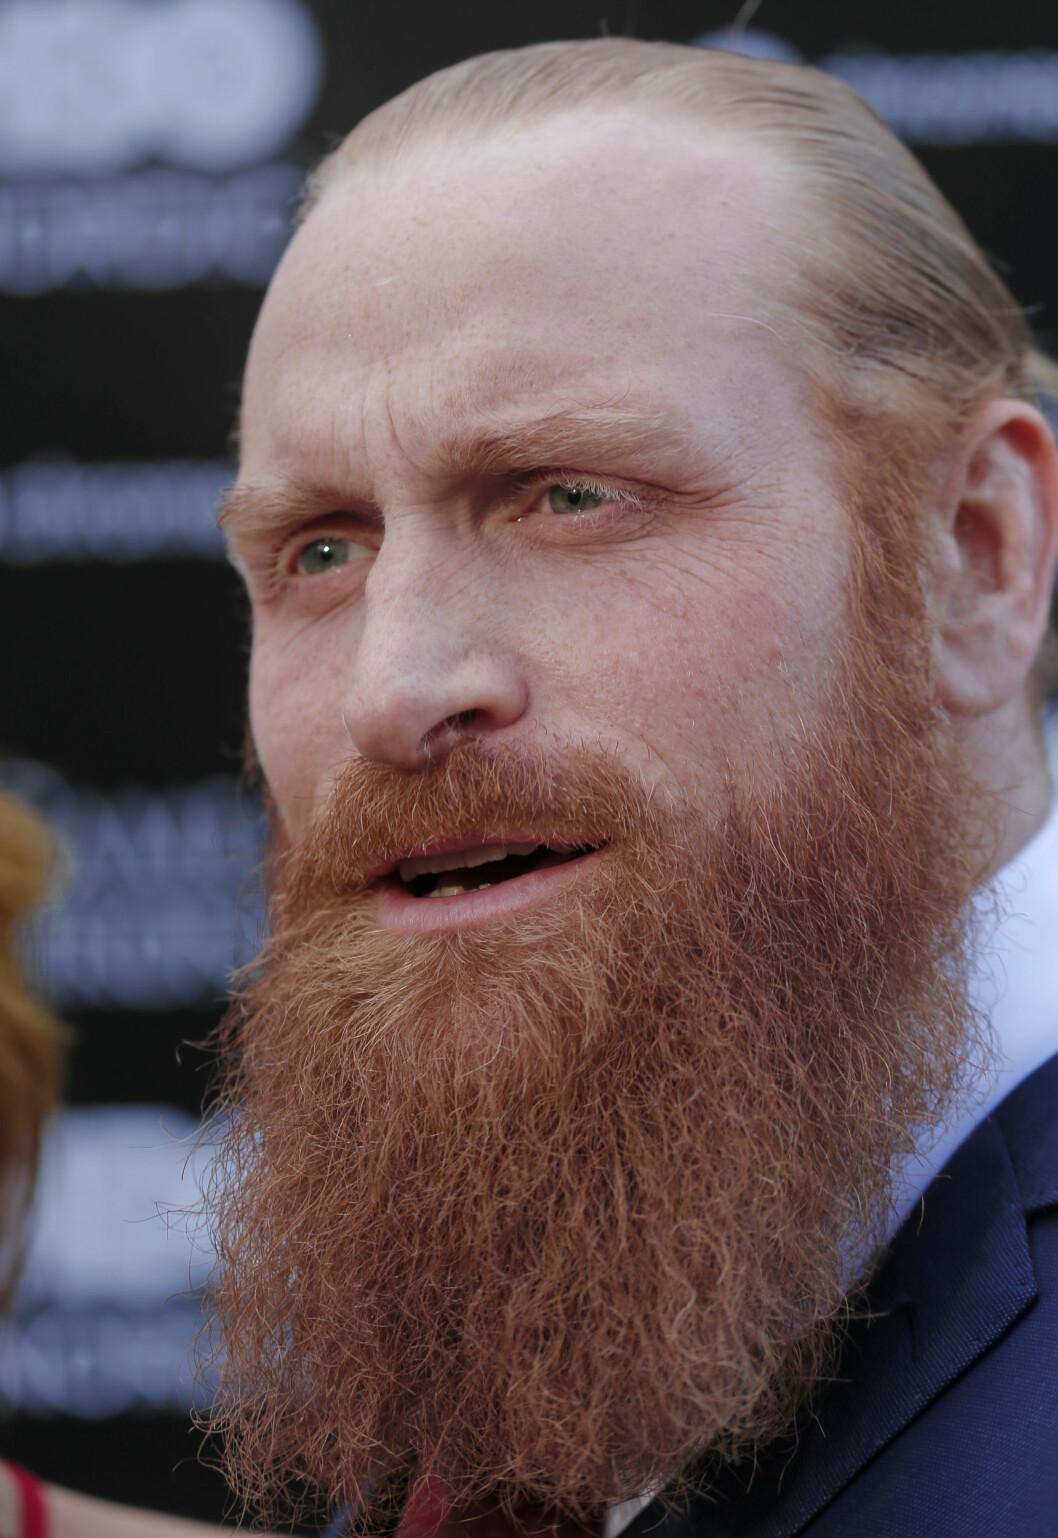 Vår egen Kristofer Hivju ser ganske så lik ut i virkeligheten, men vi må innrømme at vi liker det rufsete håret hans i serien. Foto: VG